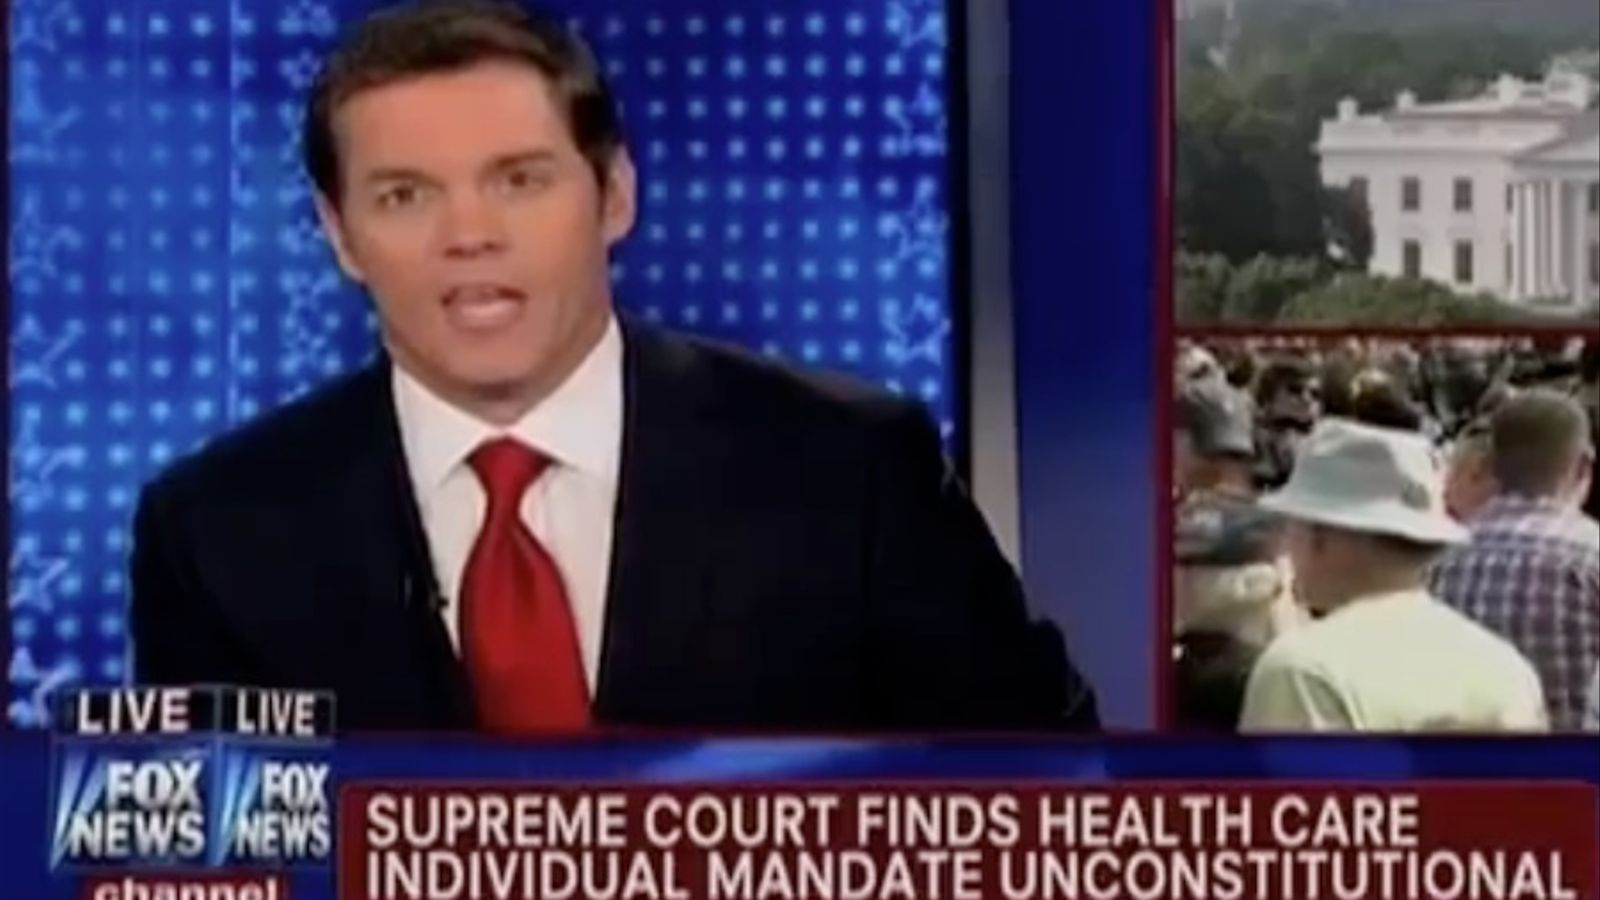 La CNN i Fox News donen per inconstitucional la reforma sanitària d'Obama